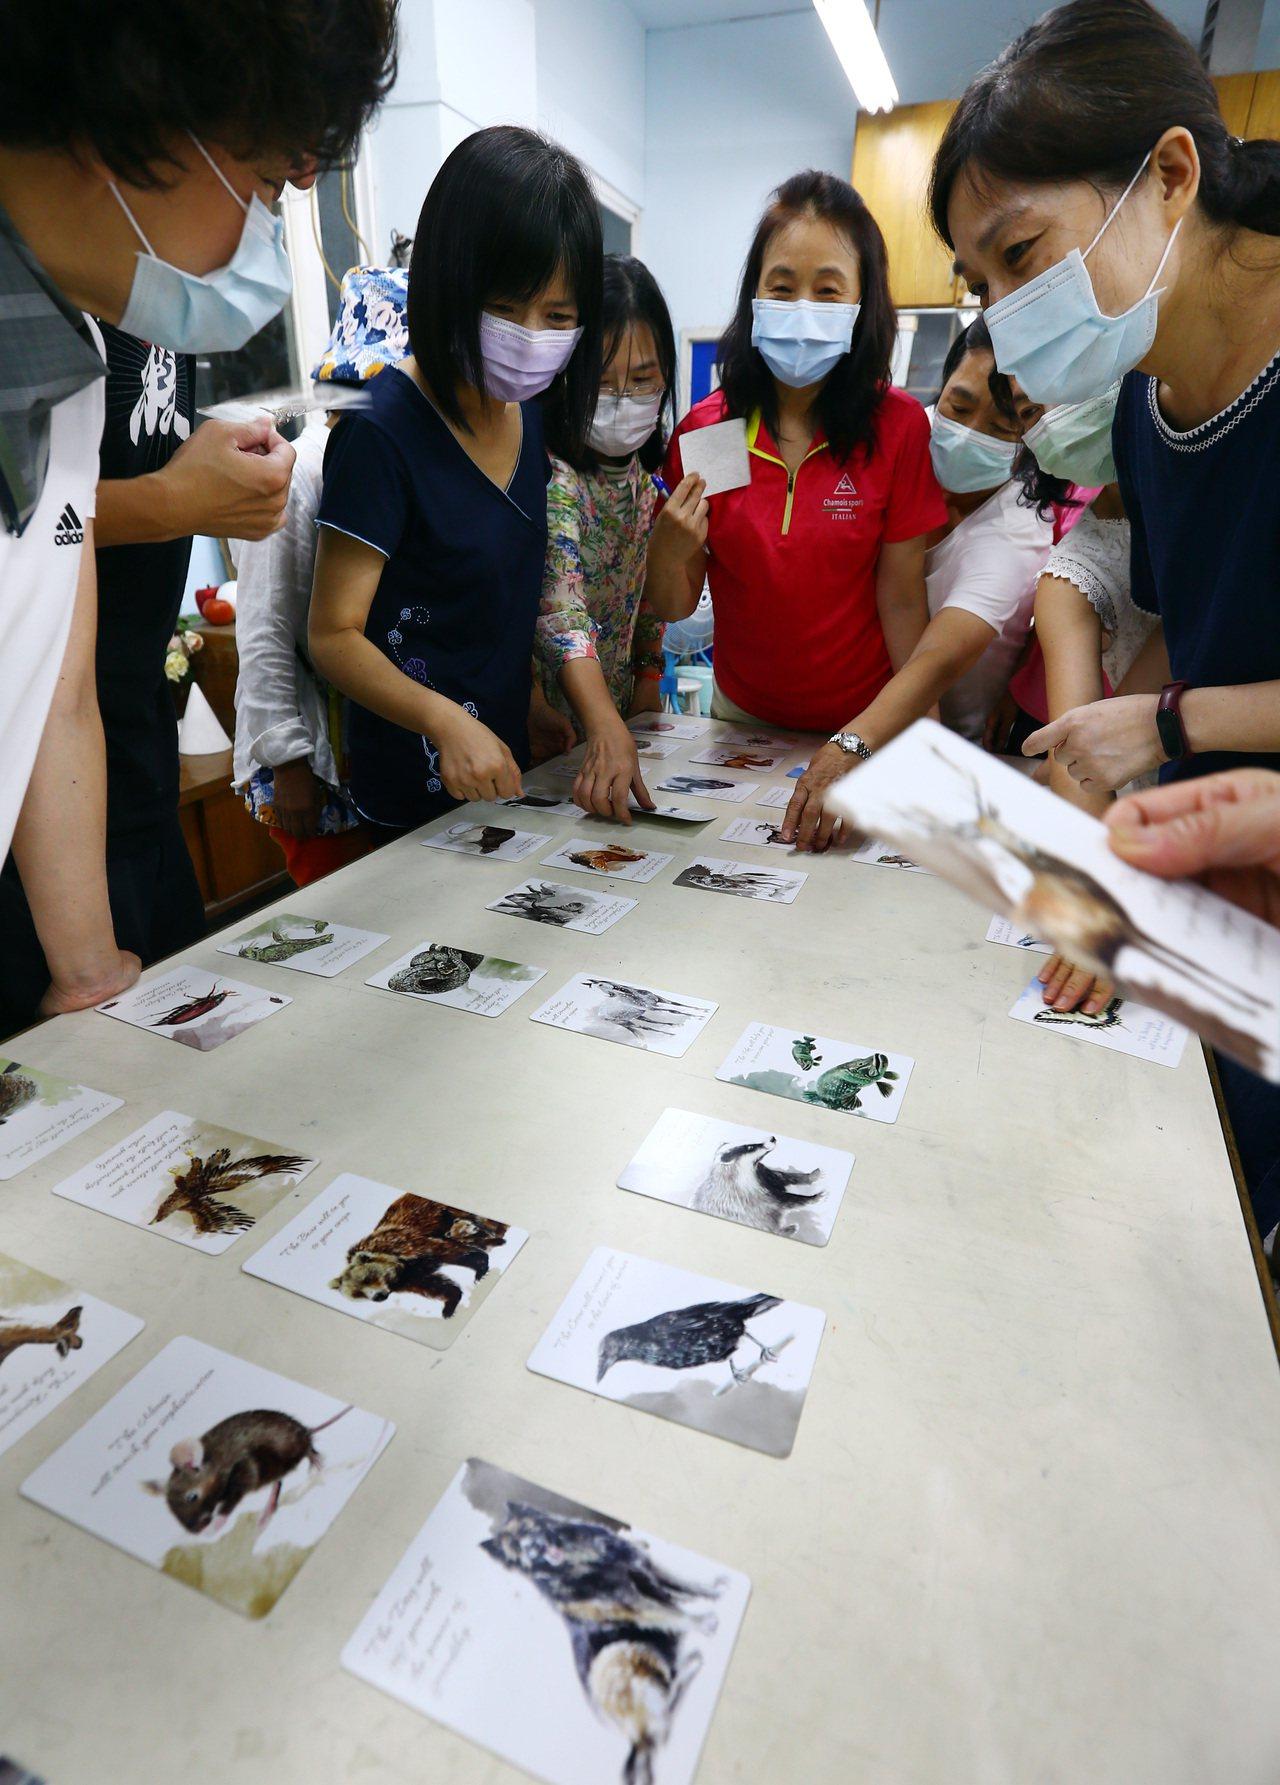 參加斜槓樂齡班的社大生利用國中美術教室上課,和老師互動學習發想。記者杜建重/攝影